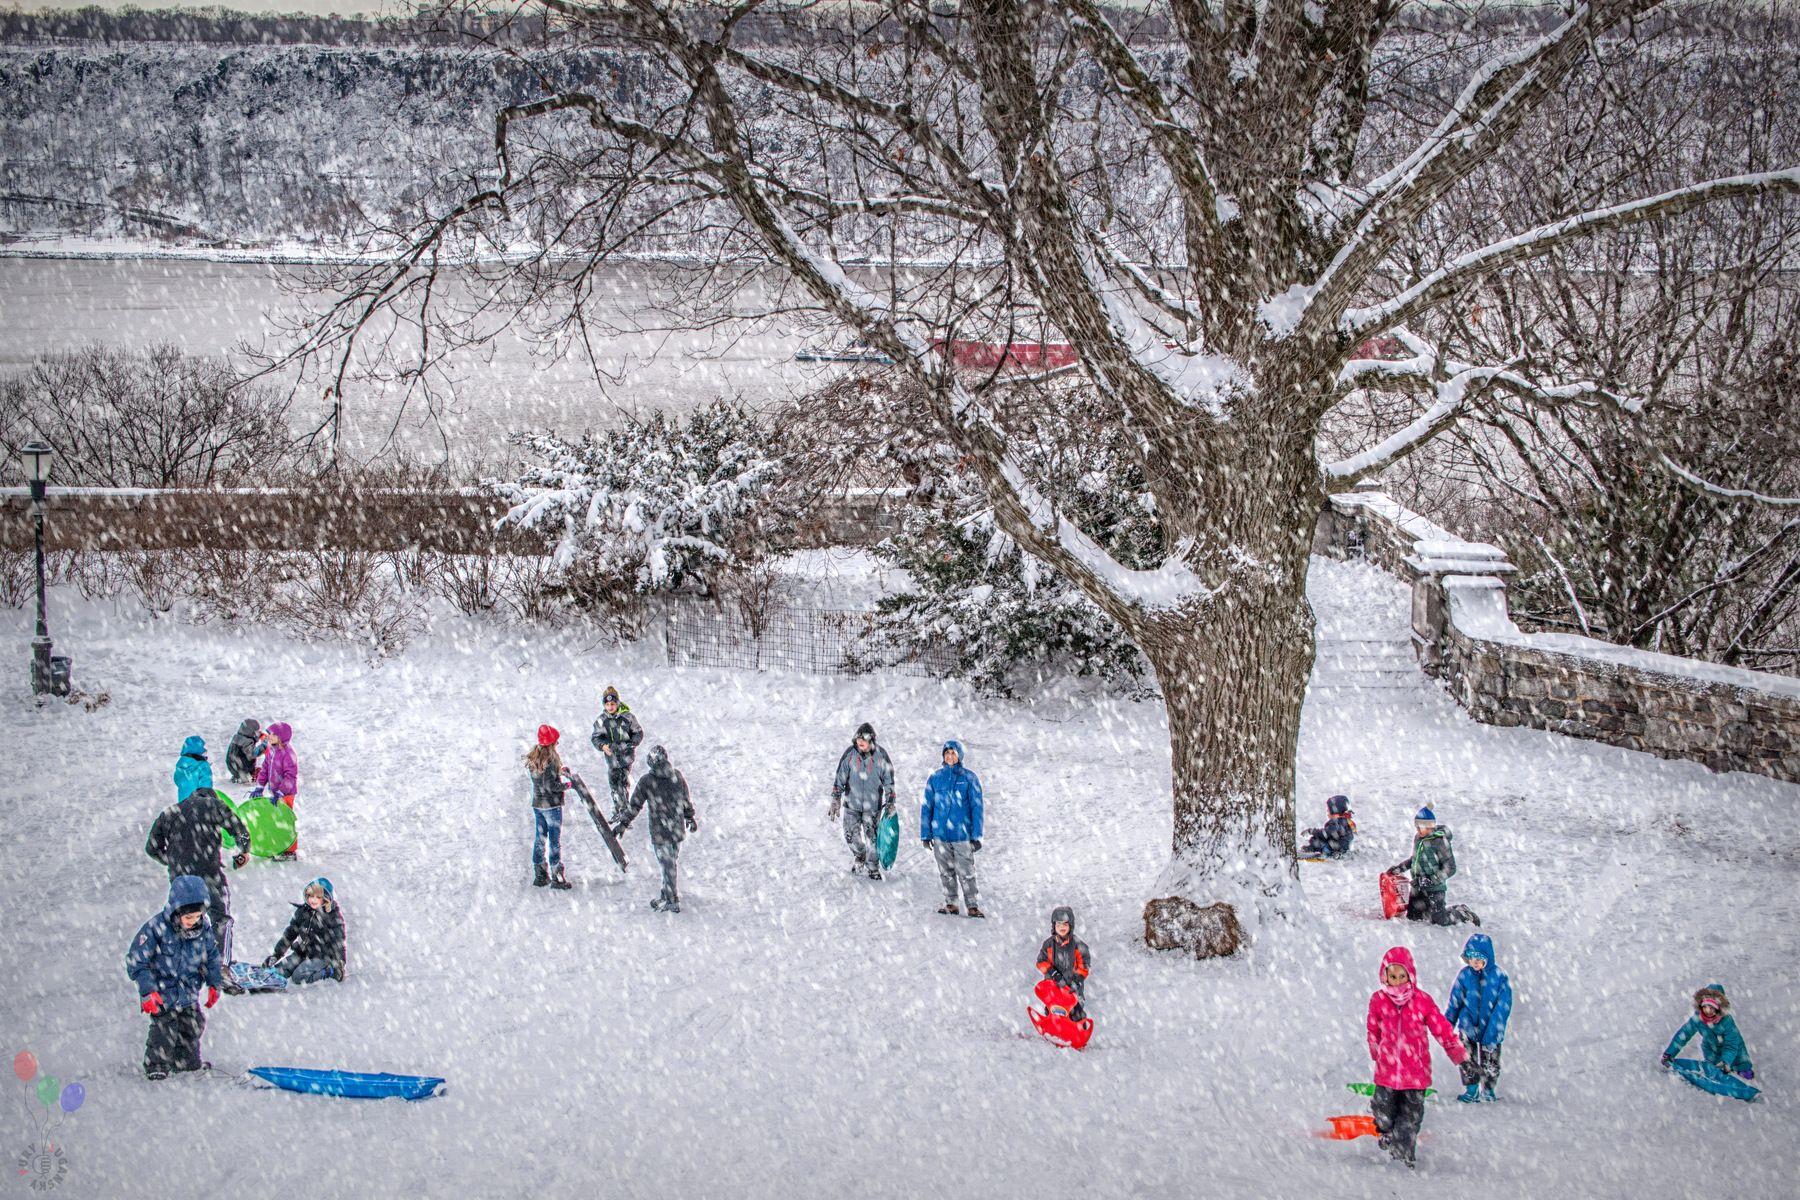 35PHOTO - Yury Lugansky - Зимние игры на свежем воздухе